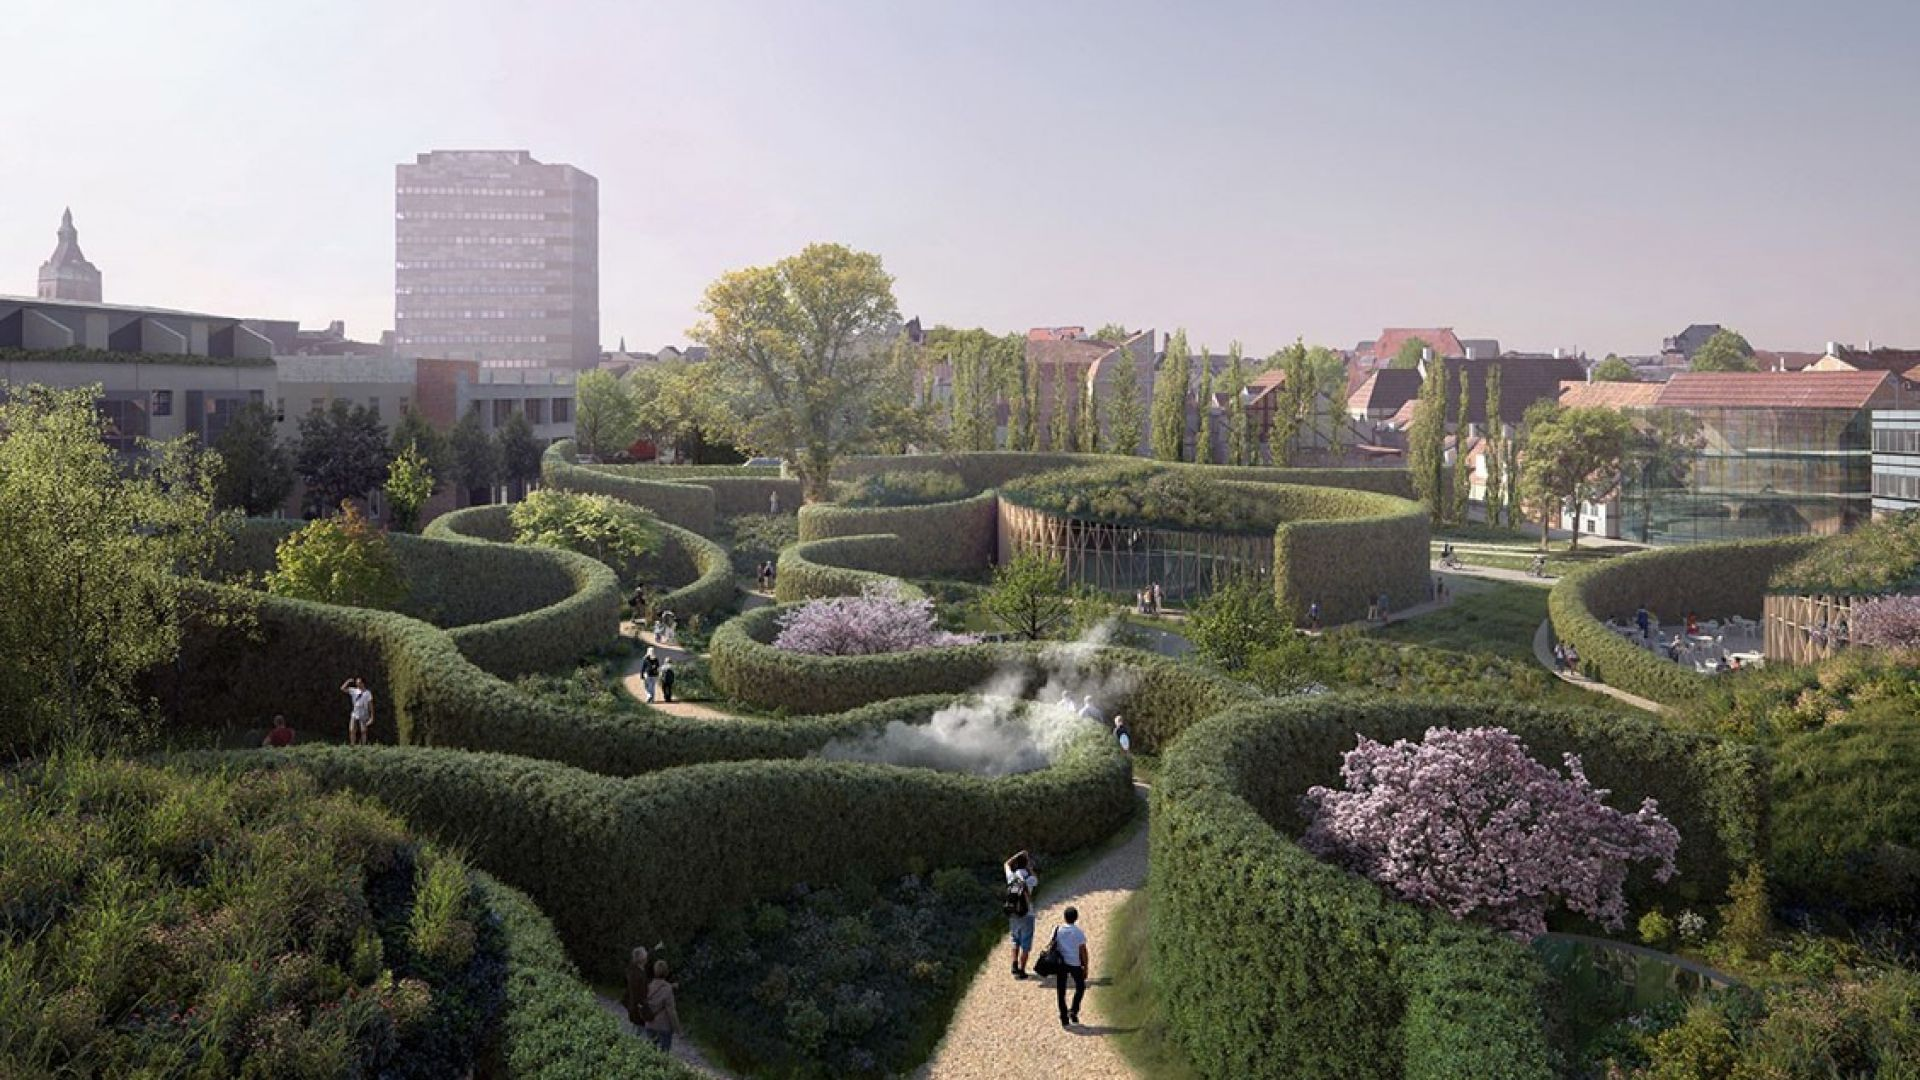 Новият музей на Андерсен: подземни тунели, лабиринти и магия